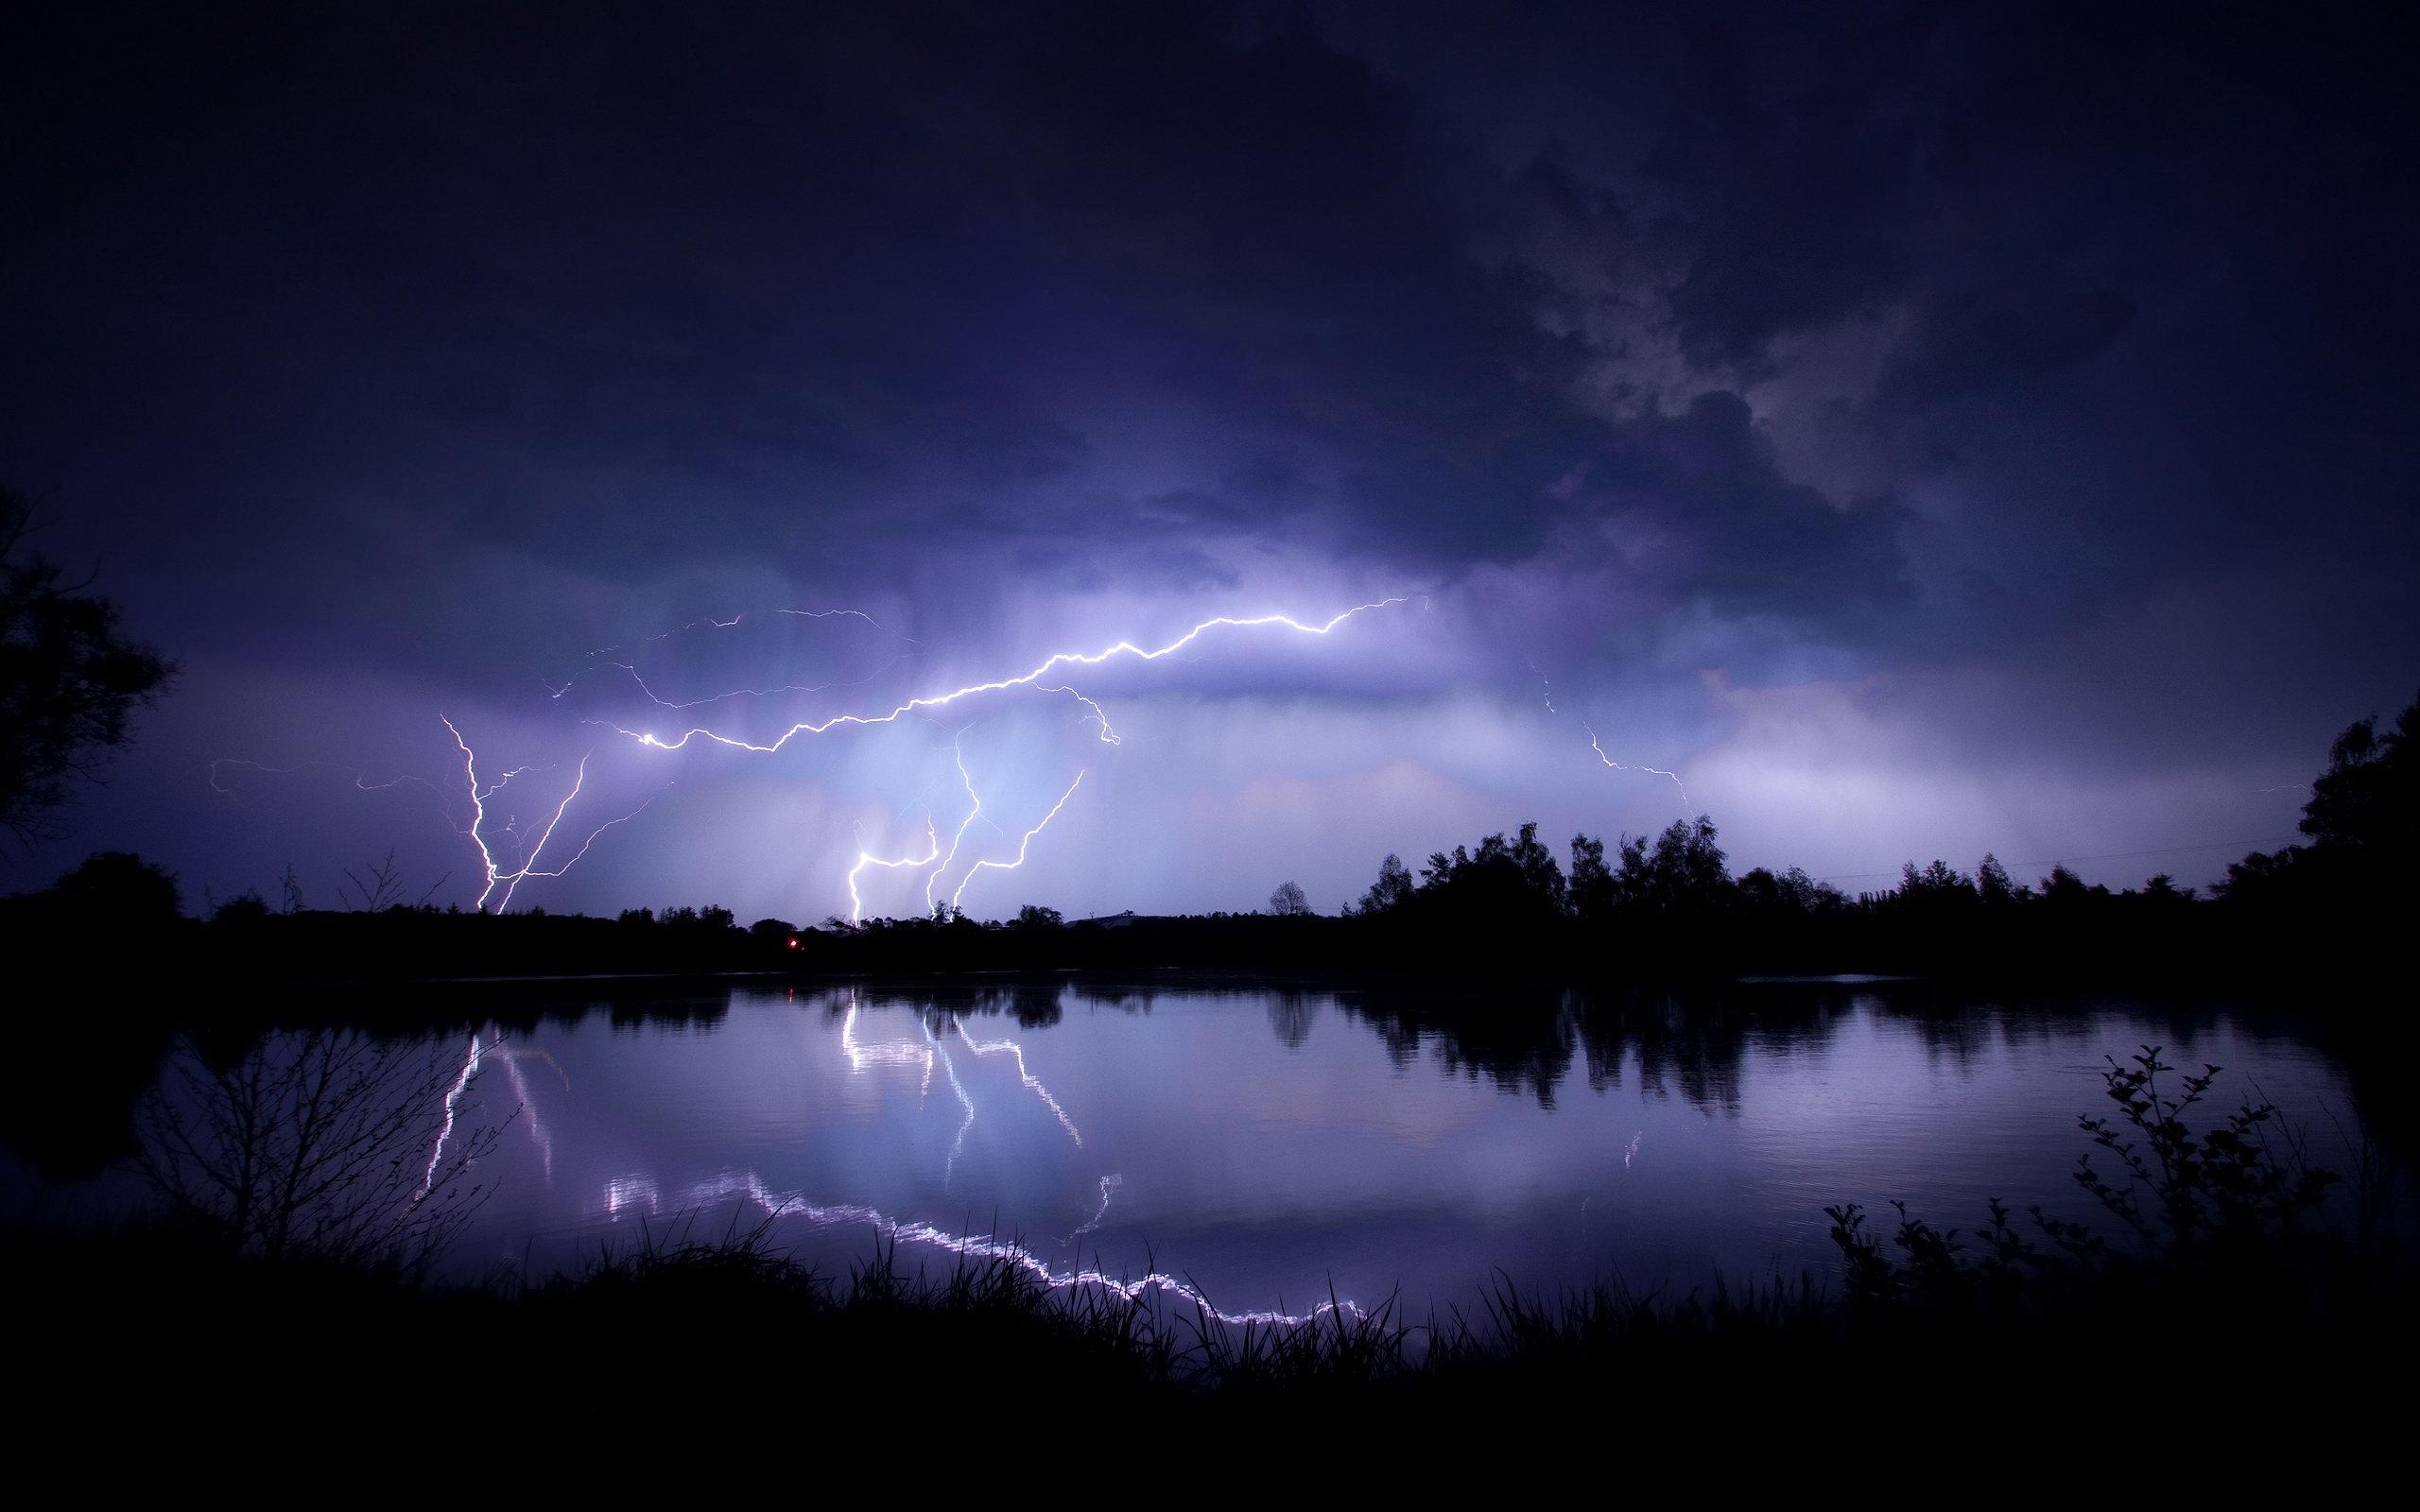 Rainforest Storm Pictures 79